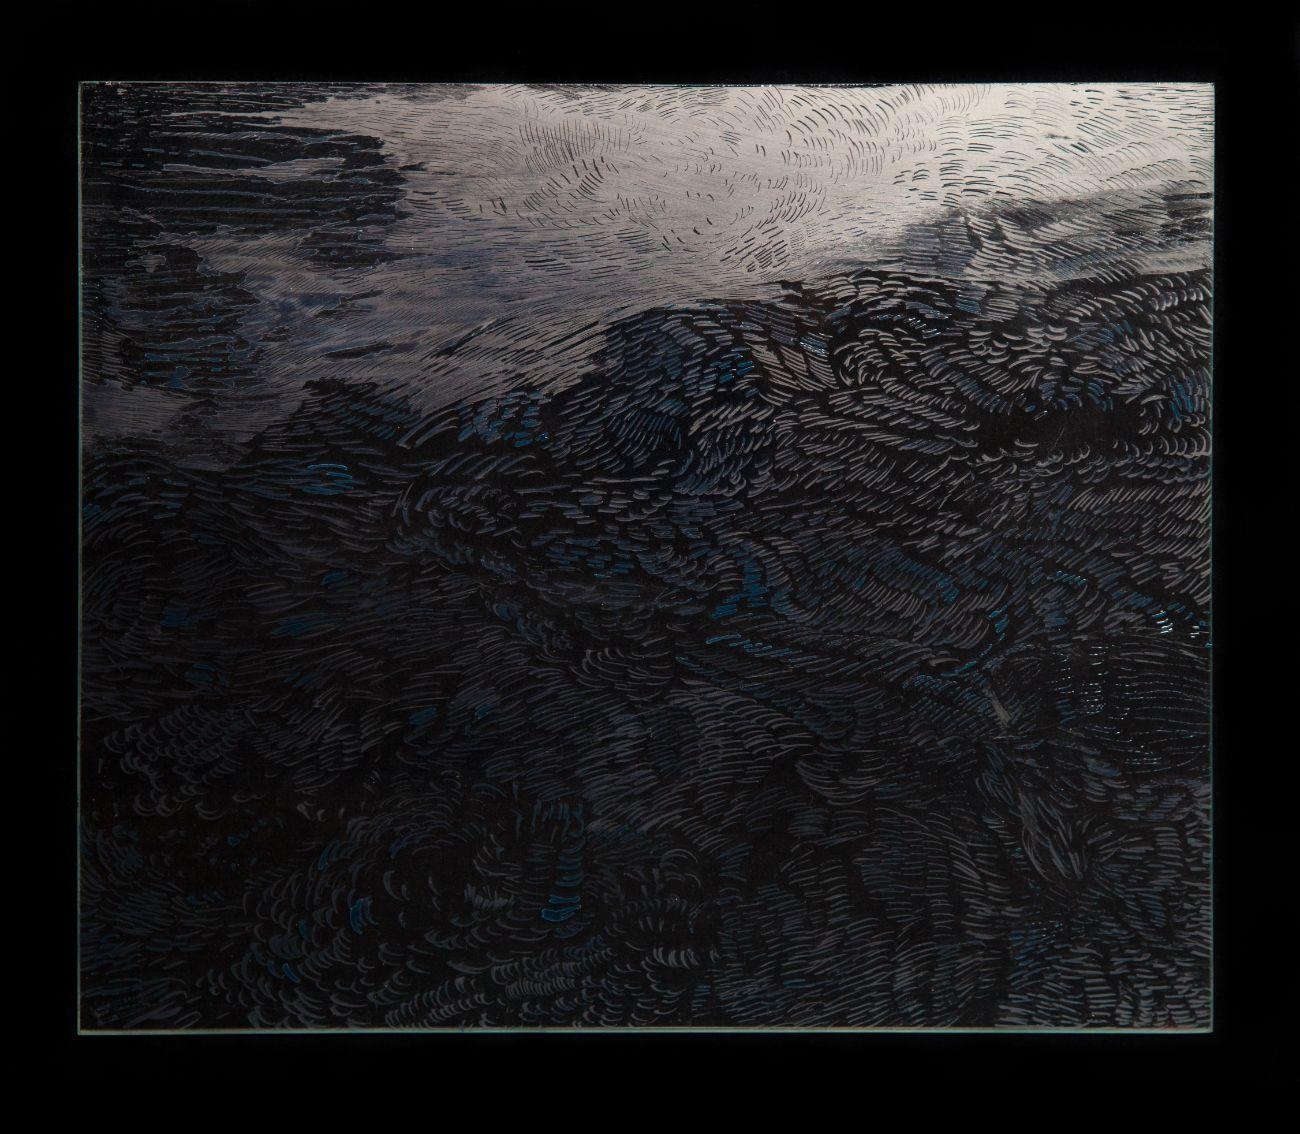 10. zo serie Oceano, 35x30cm, maľba na skle, 2017